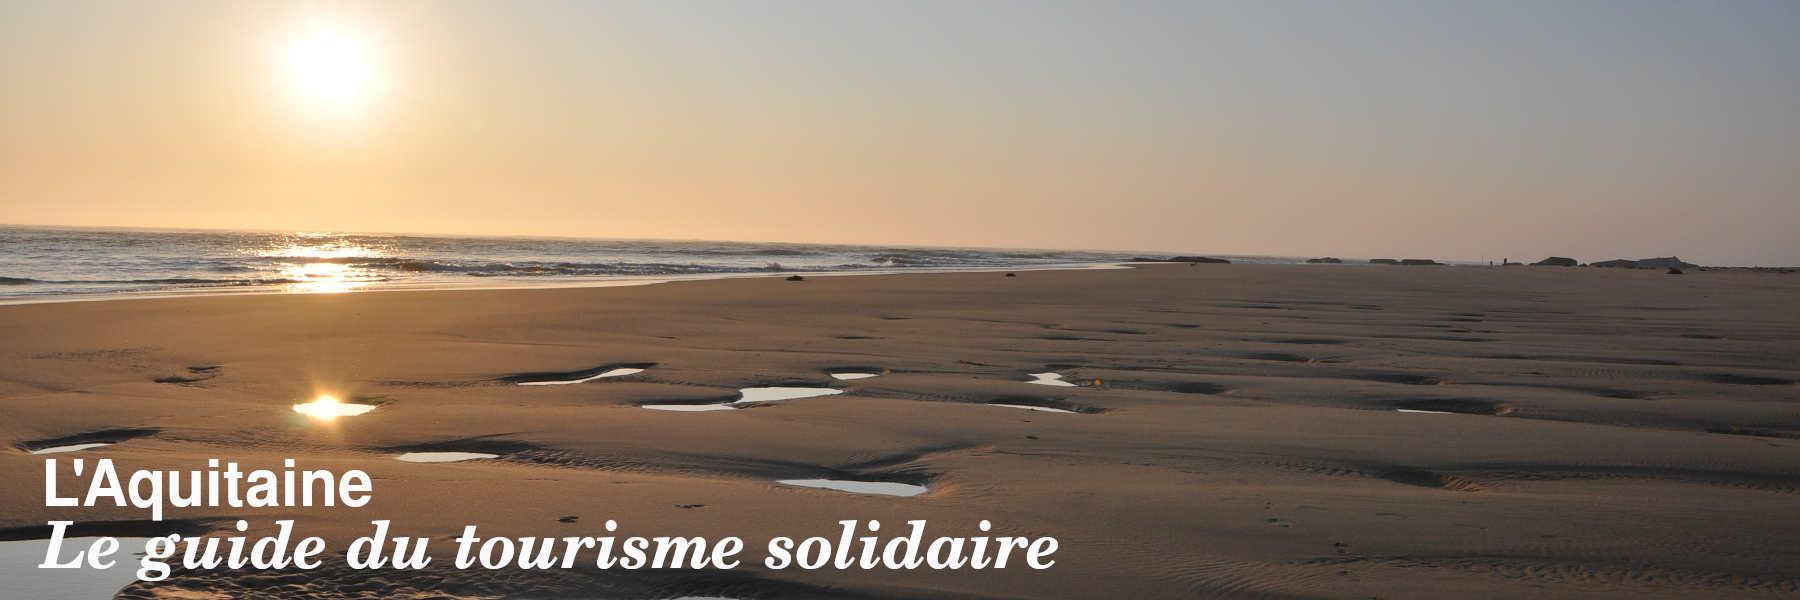 Le guide du tourisme solidaire en Aquitaine